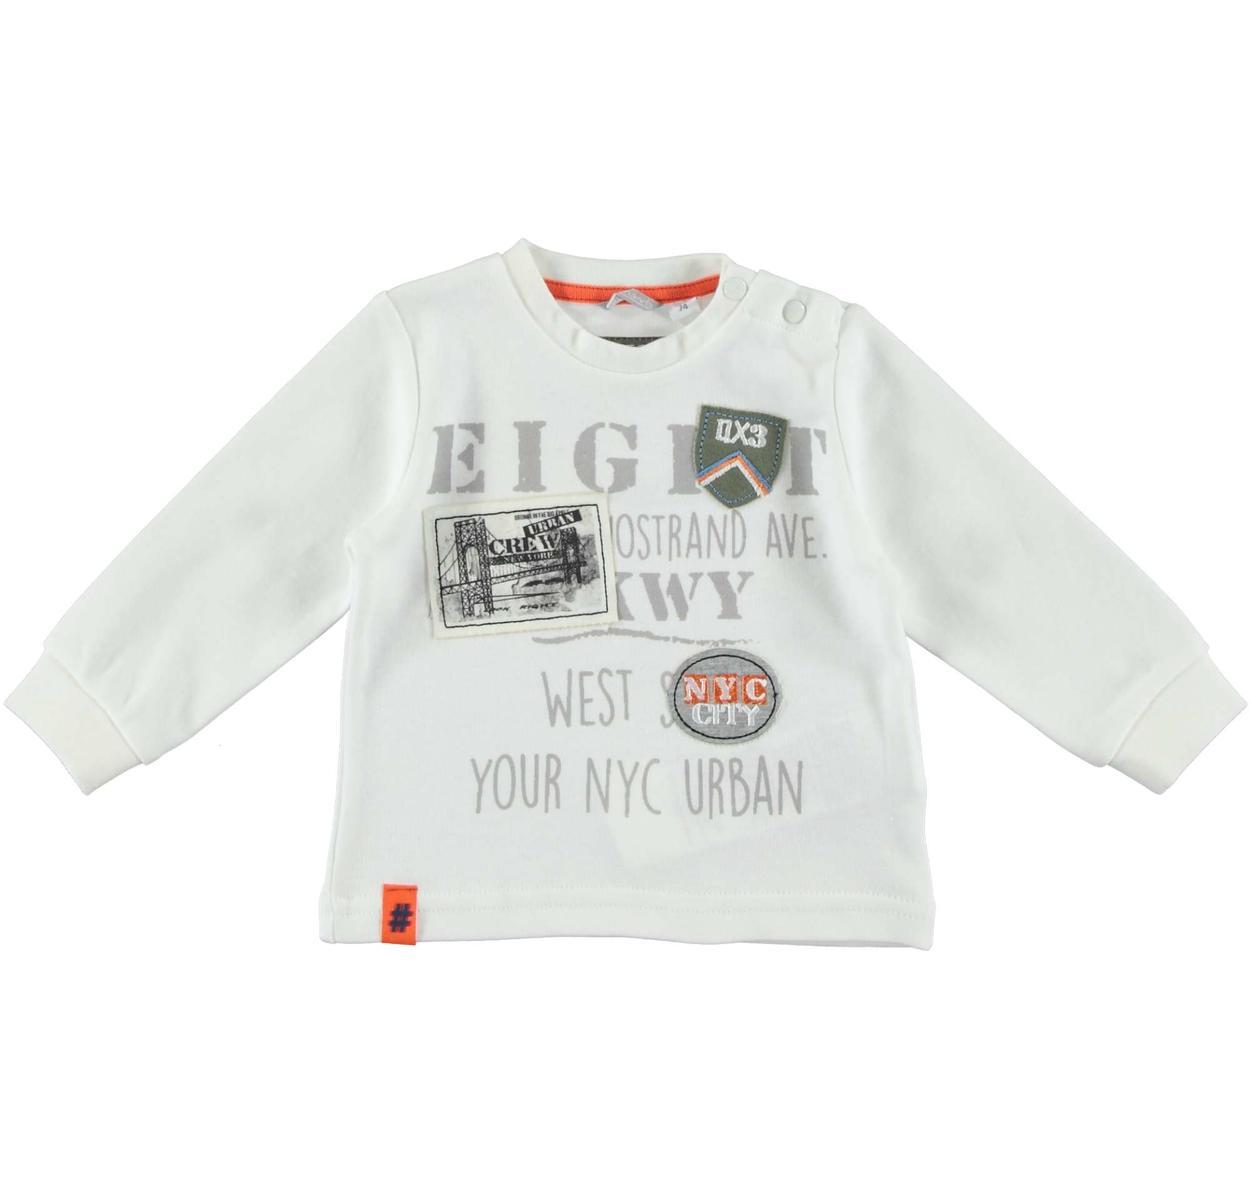 d84d33b512 Maglietta girocollo 100% cotone stampa militare per bambino da 6 mesi a 7  anni Sarabanda